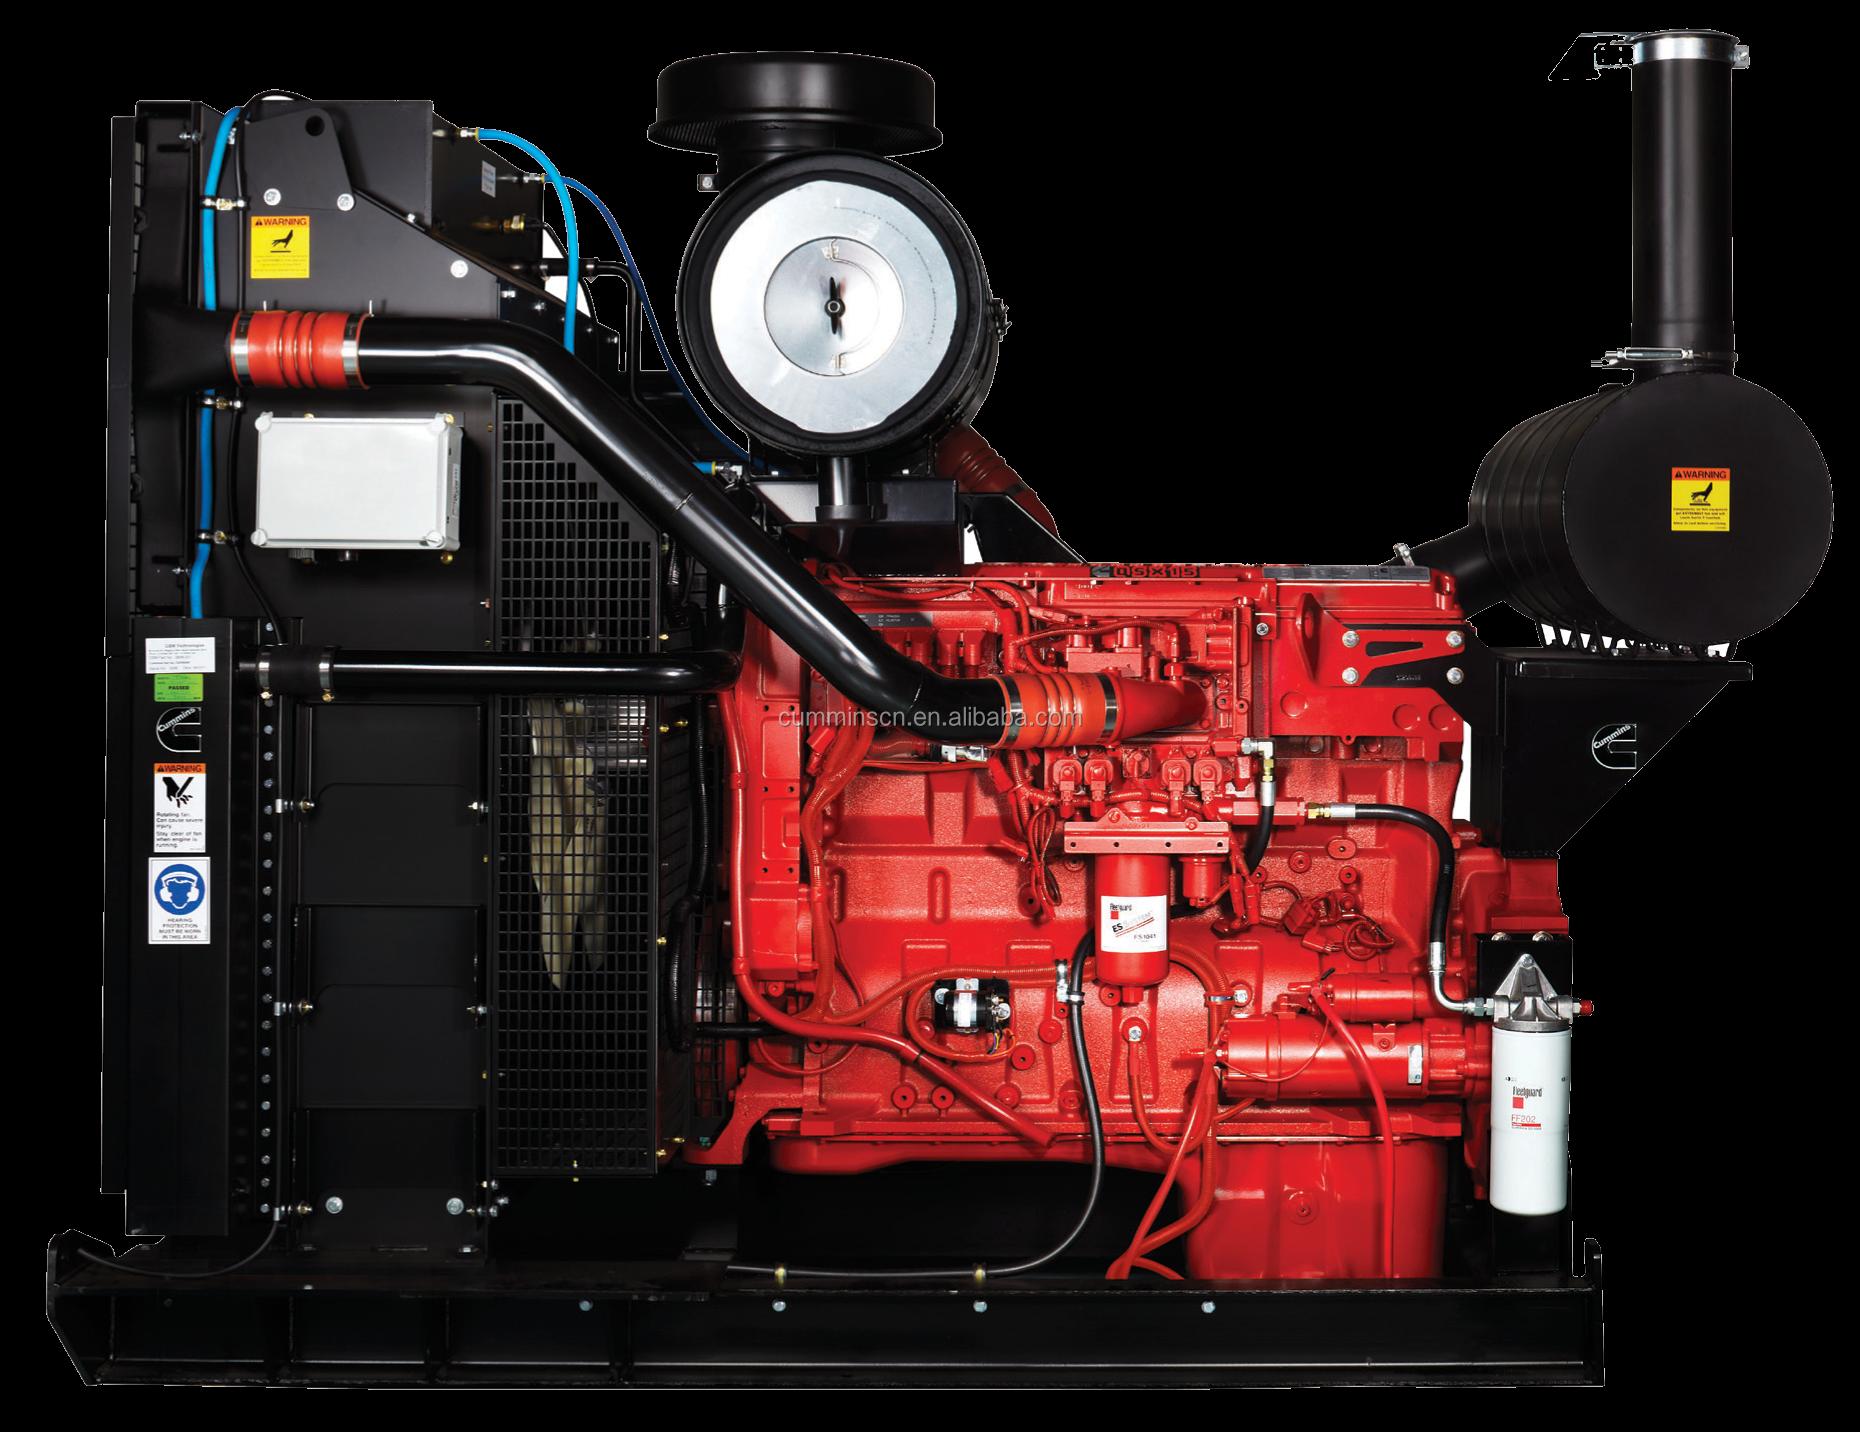 Cummins Diesel Engine QSX15 450HP 525HP 600HP Cummins powerpacks Mine de-watering pumps